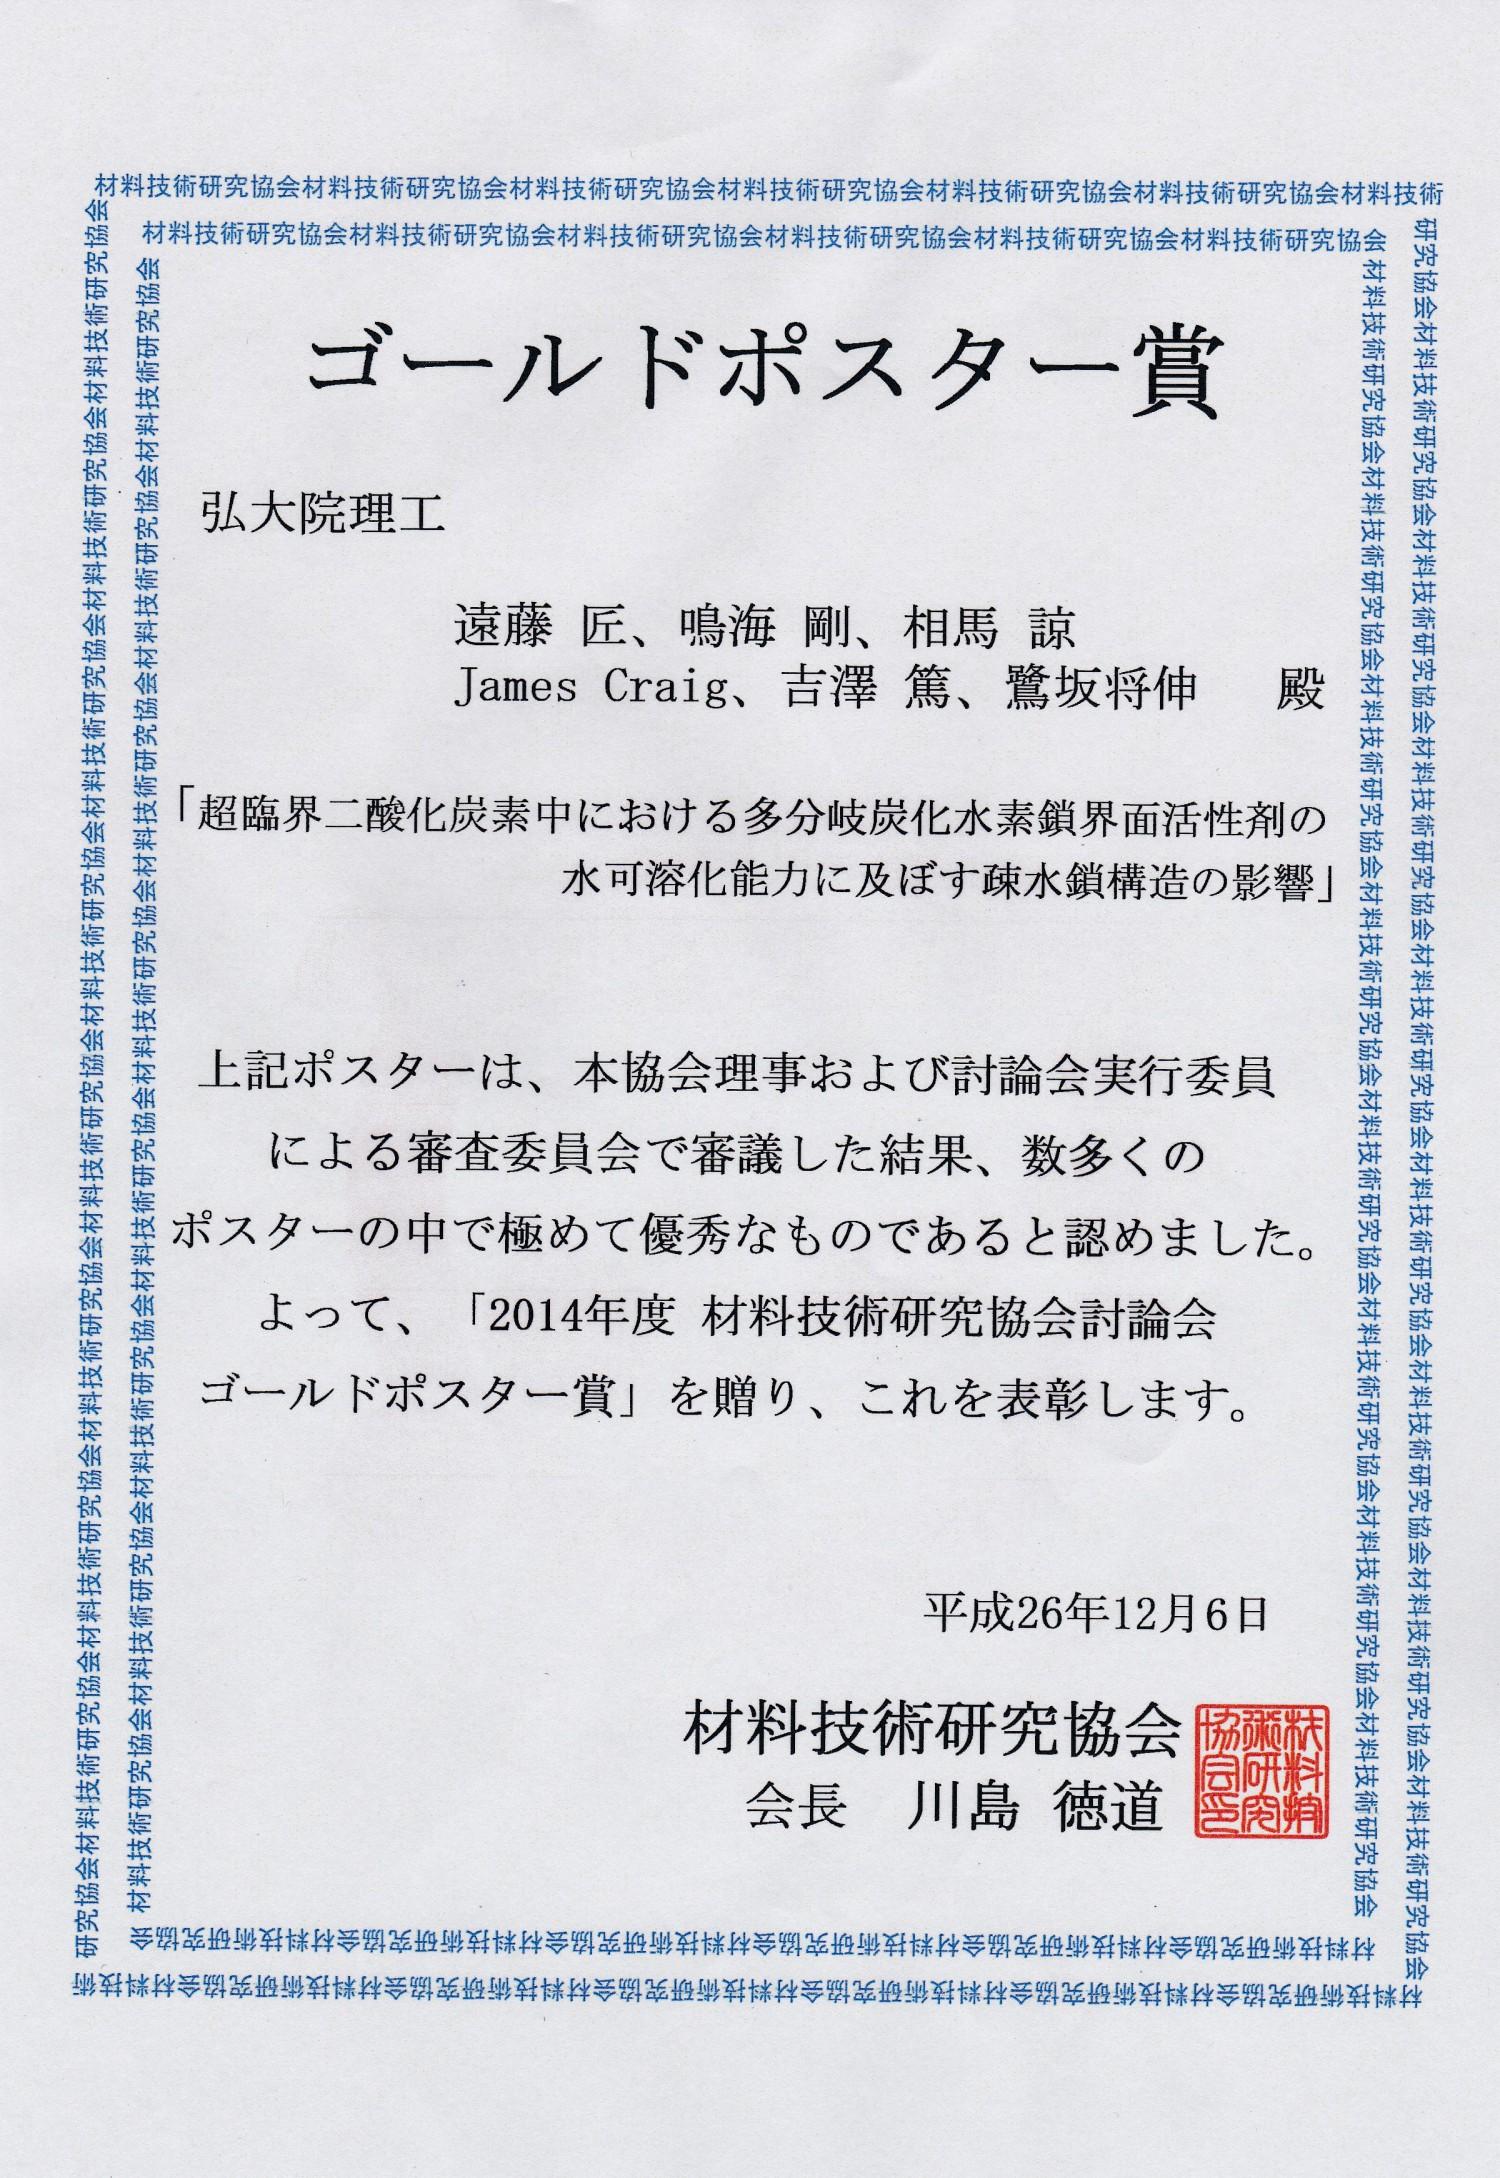 遠藤匠ポスター賞2014材料技術